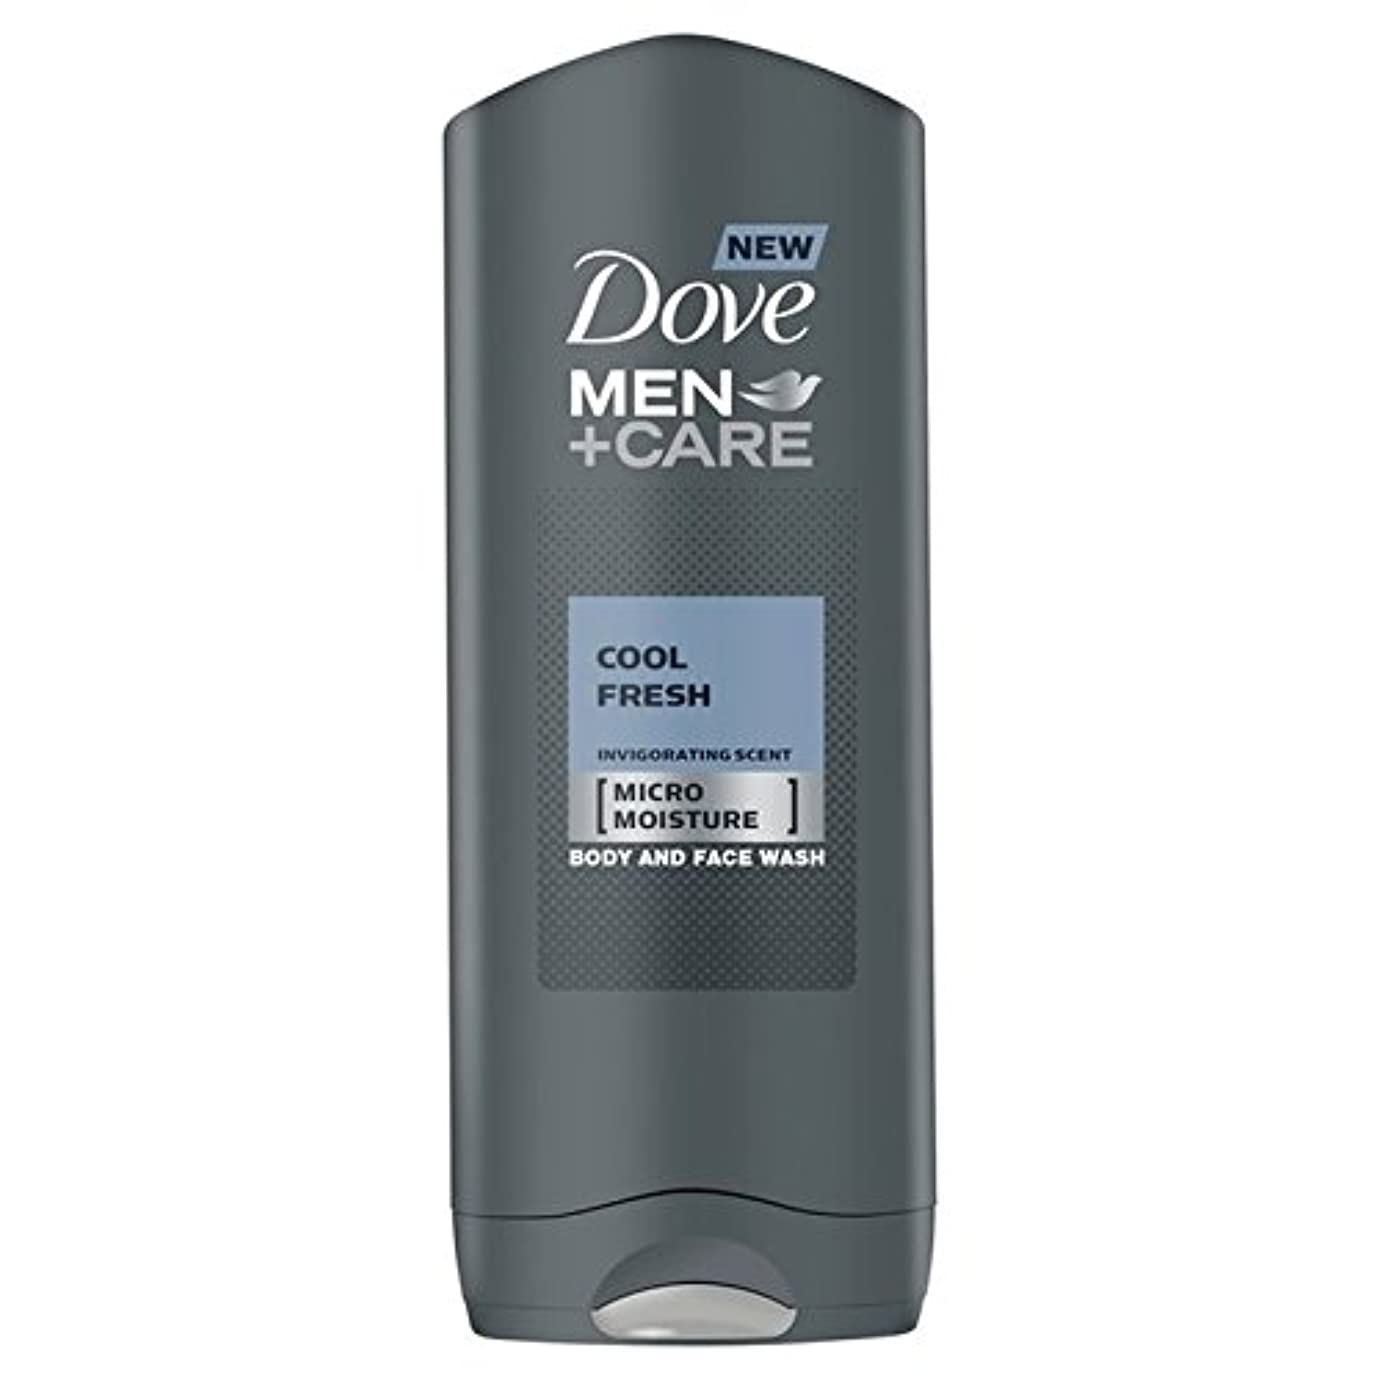 脊椎トレード不合格Dove Men+Care Cool Fresh Shower Gel 400ml - クールフレッシュシャワージェル400ミリリットルケア+鳩の男性 [並行輸入品]